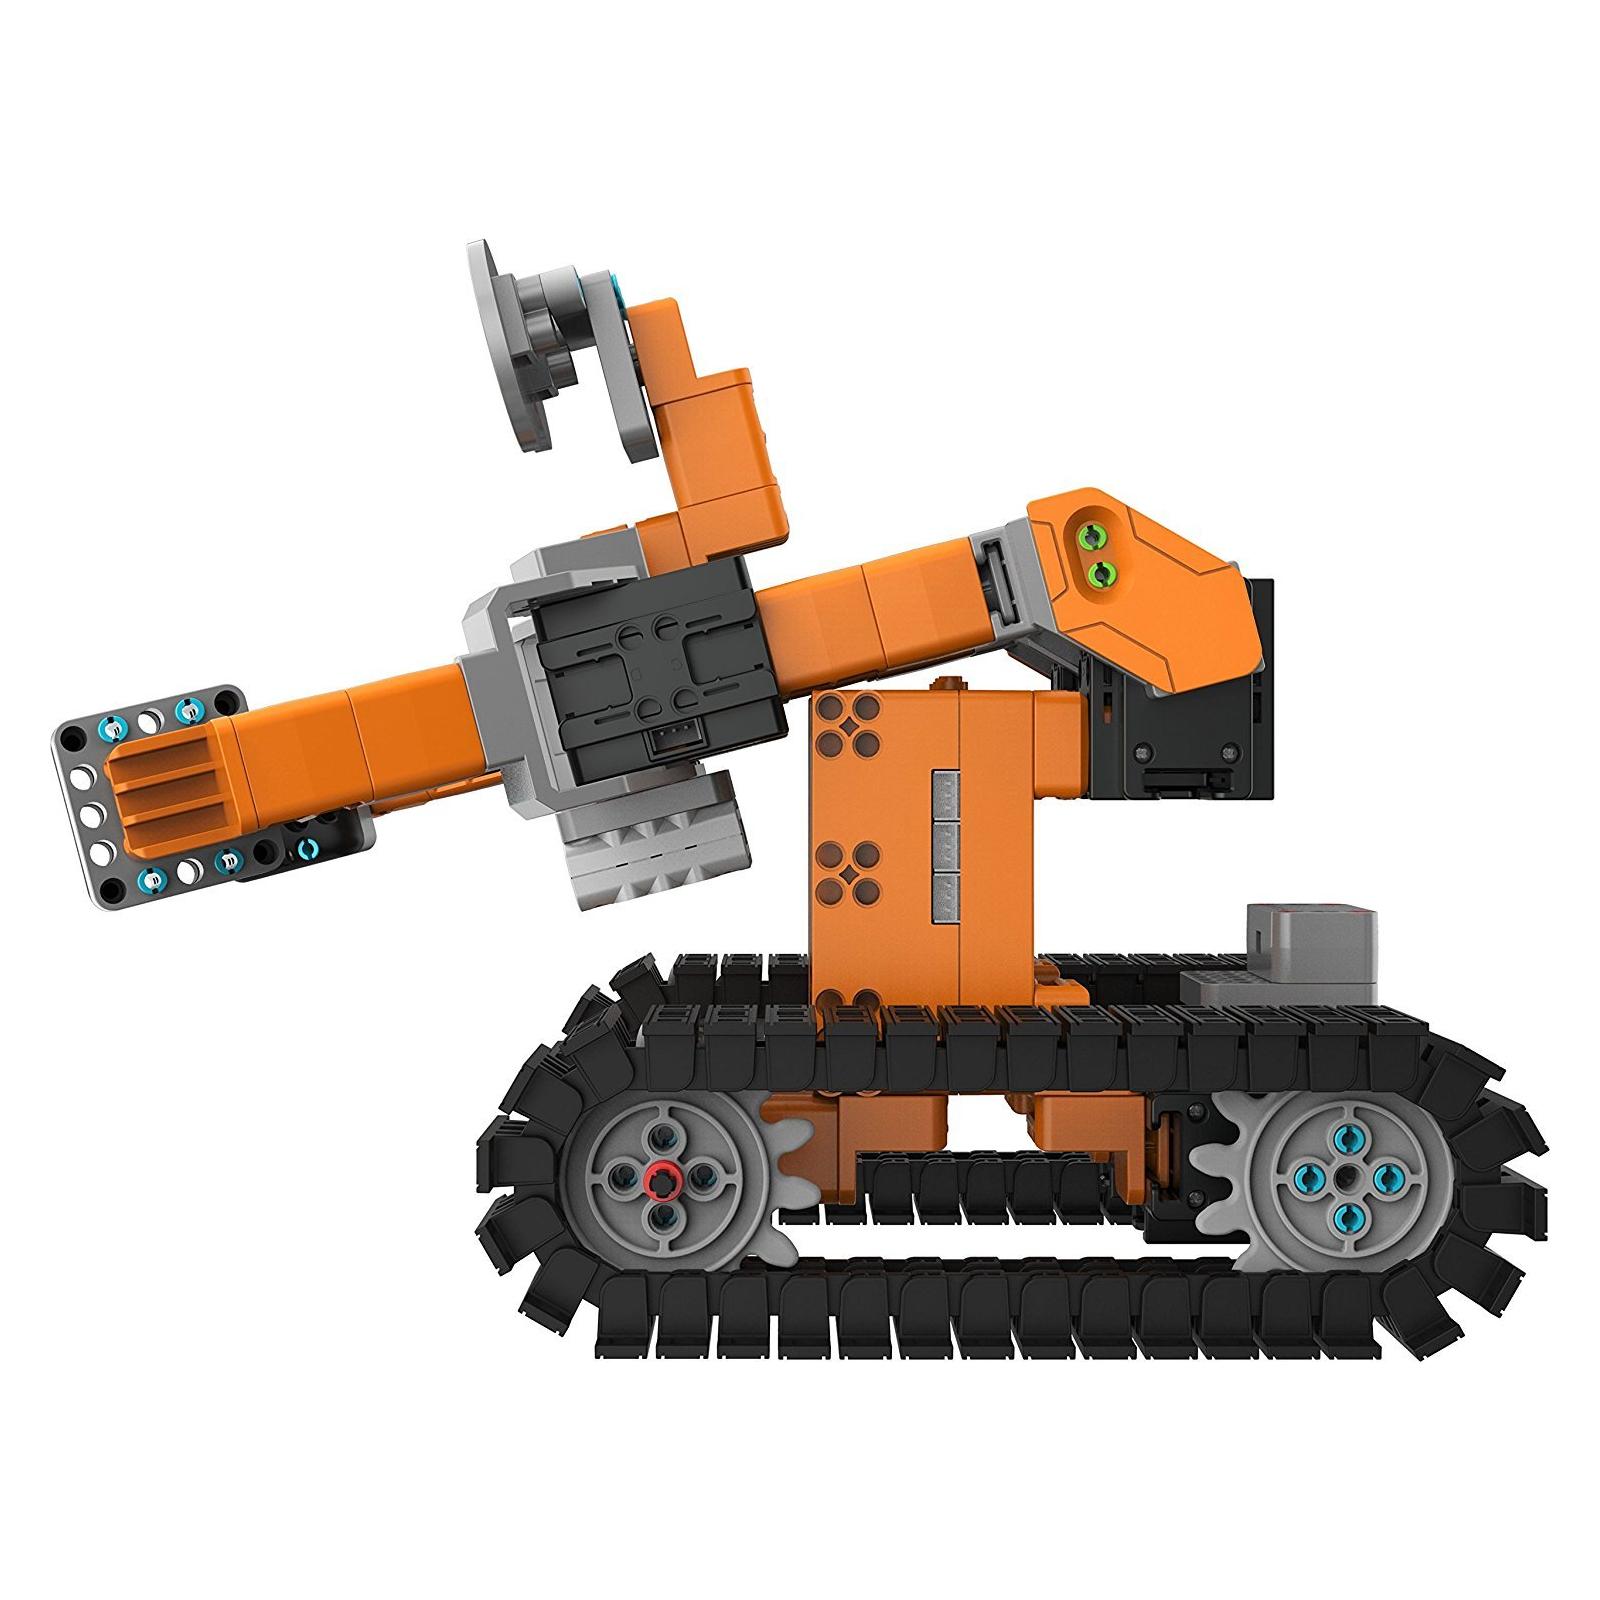 Робот Ubtech JIMU Tankbot (6 servos) (JR0601-1) изображение 6